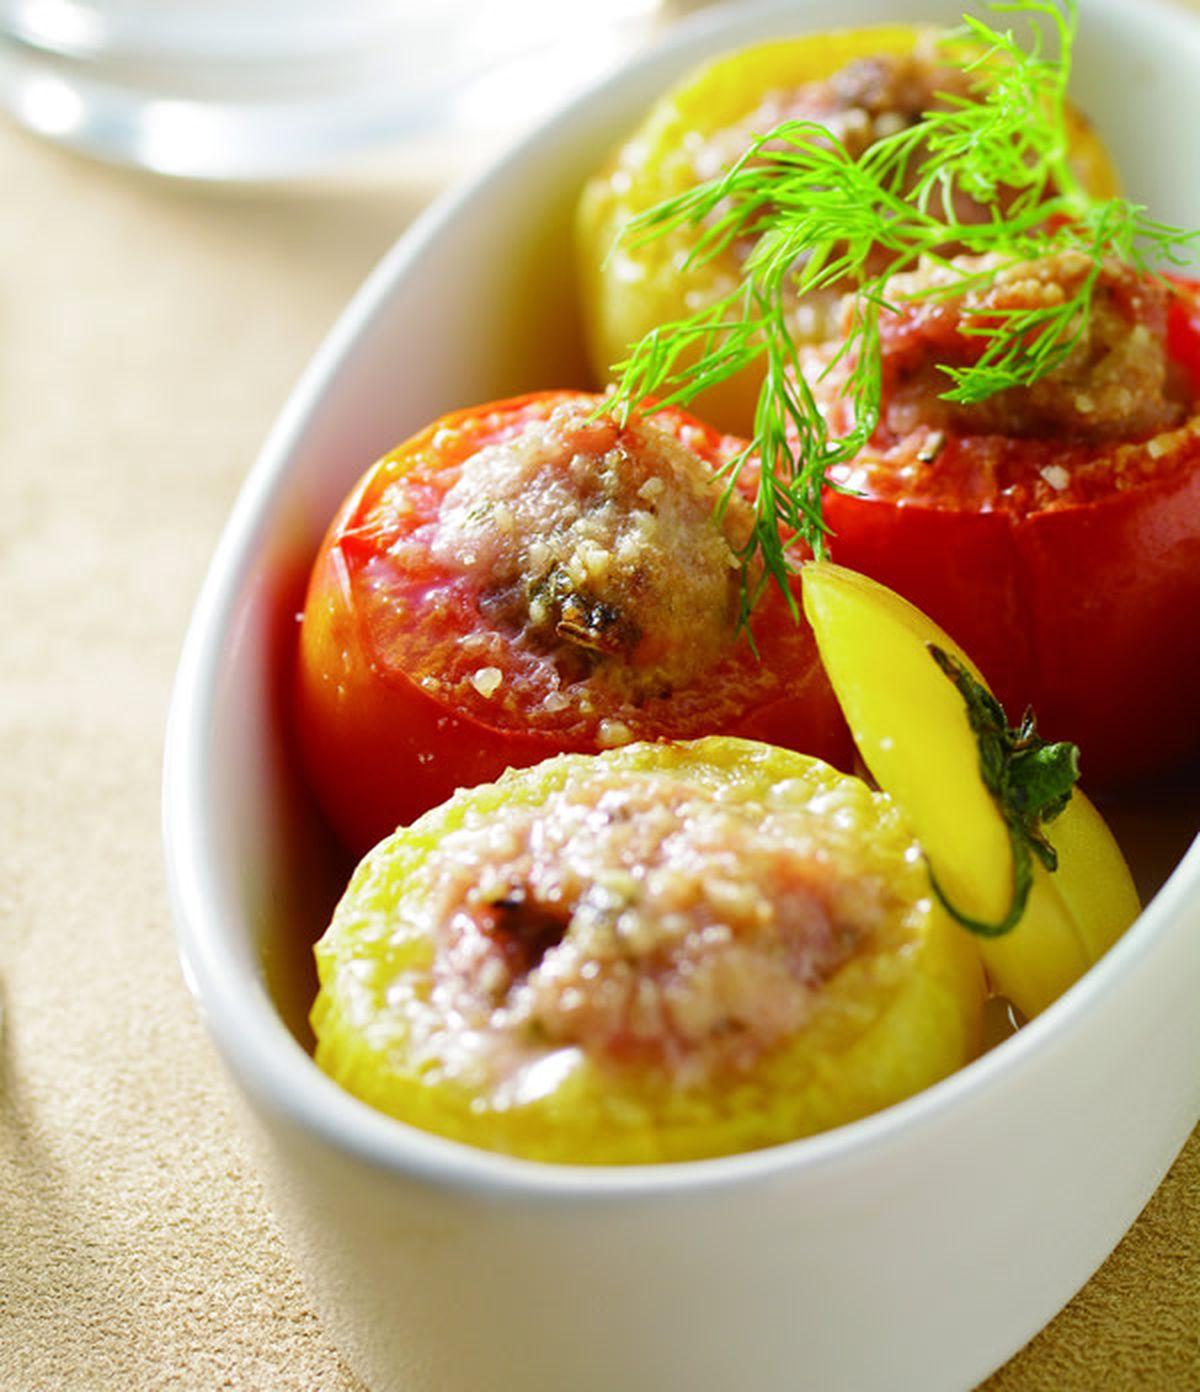 食譜:焗烤蕃茄盅